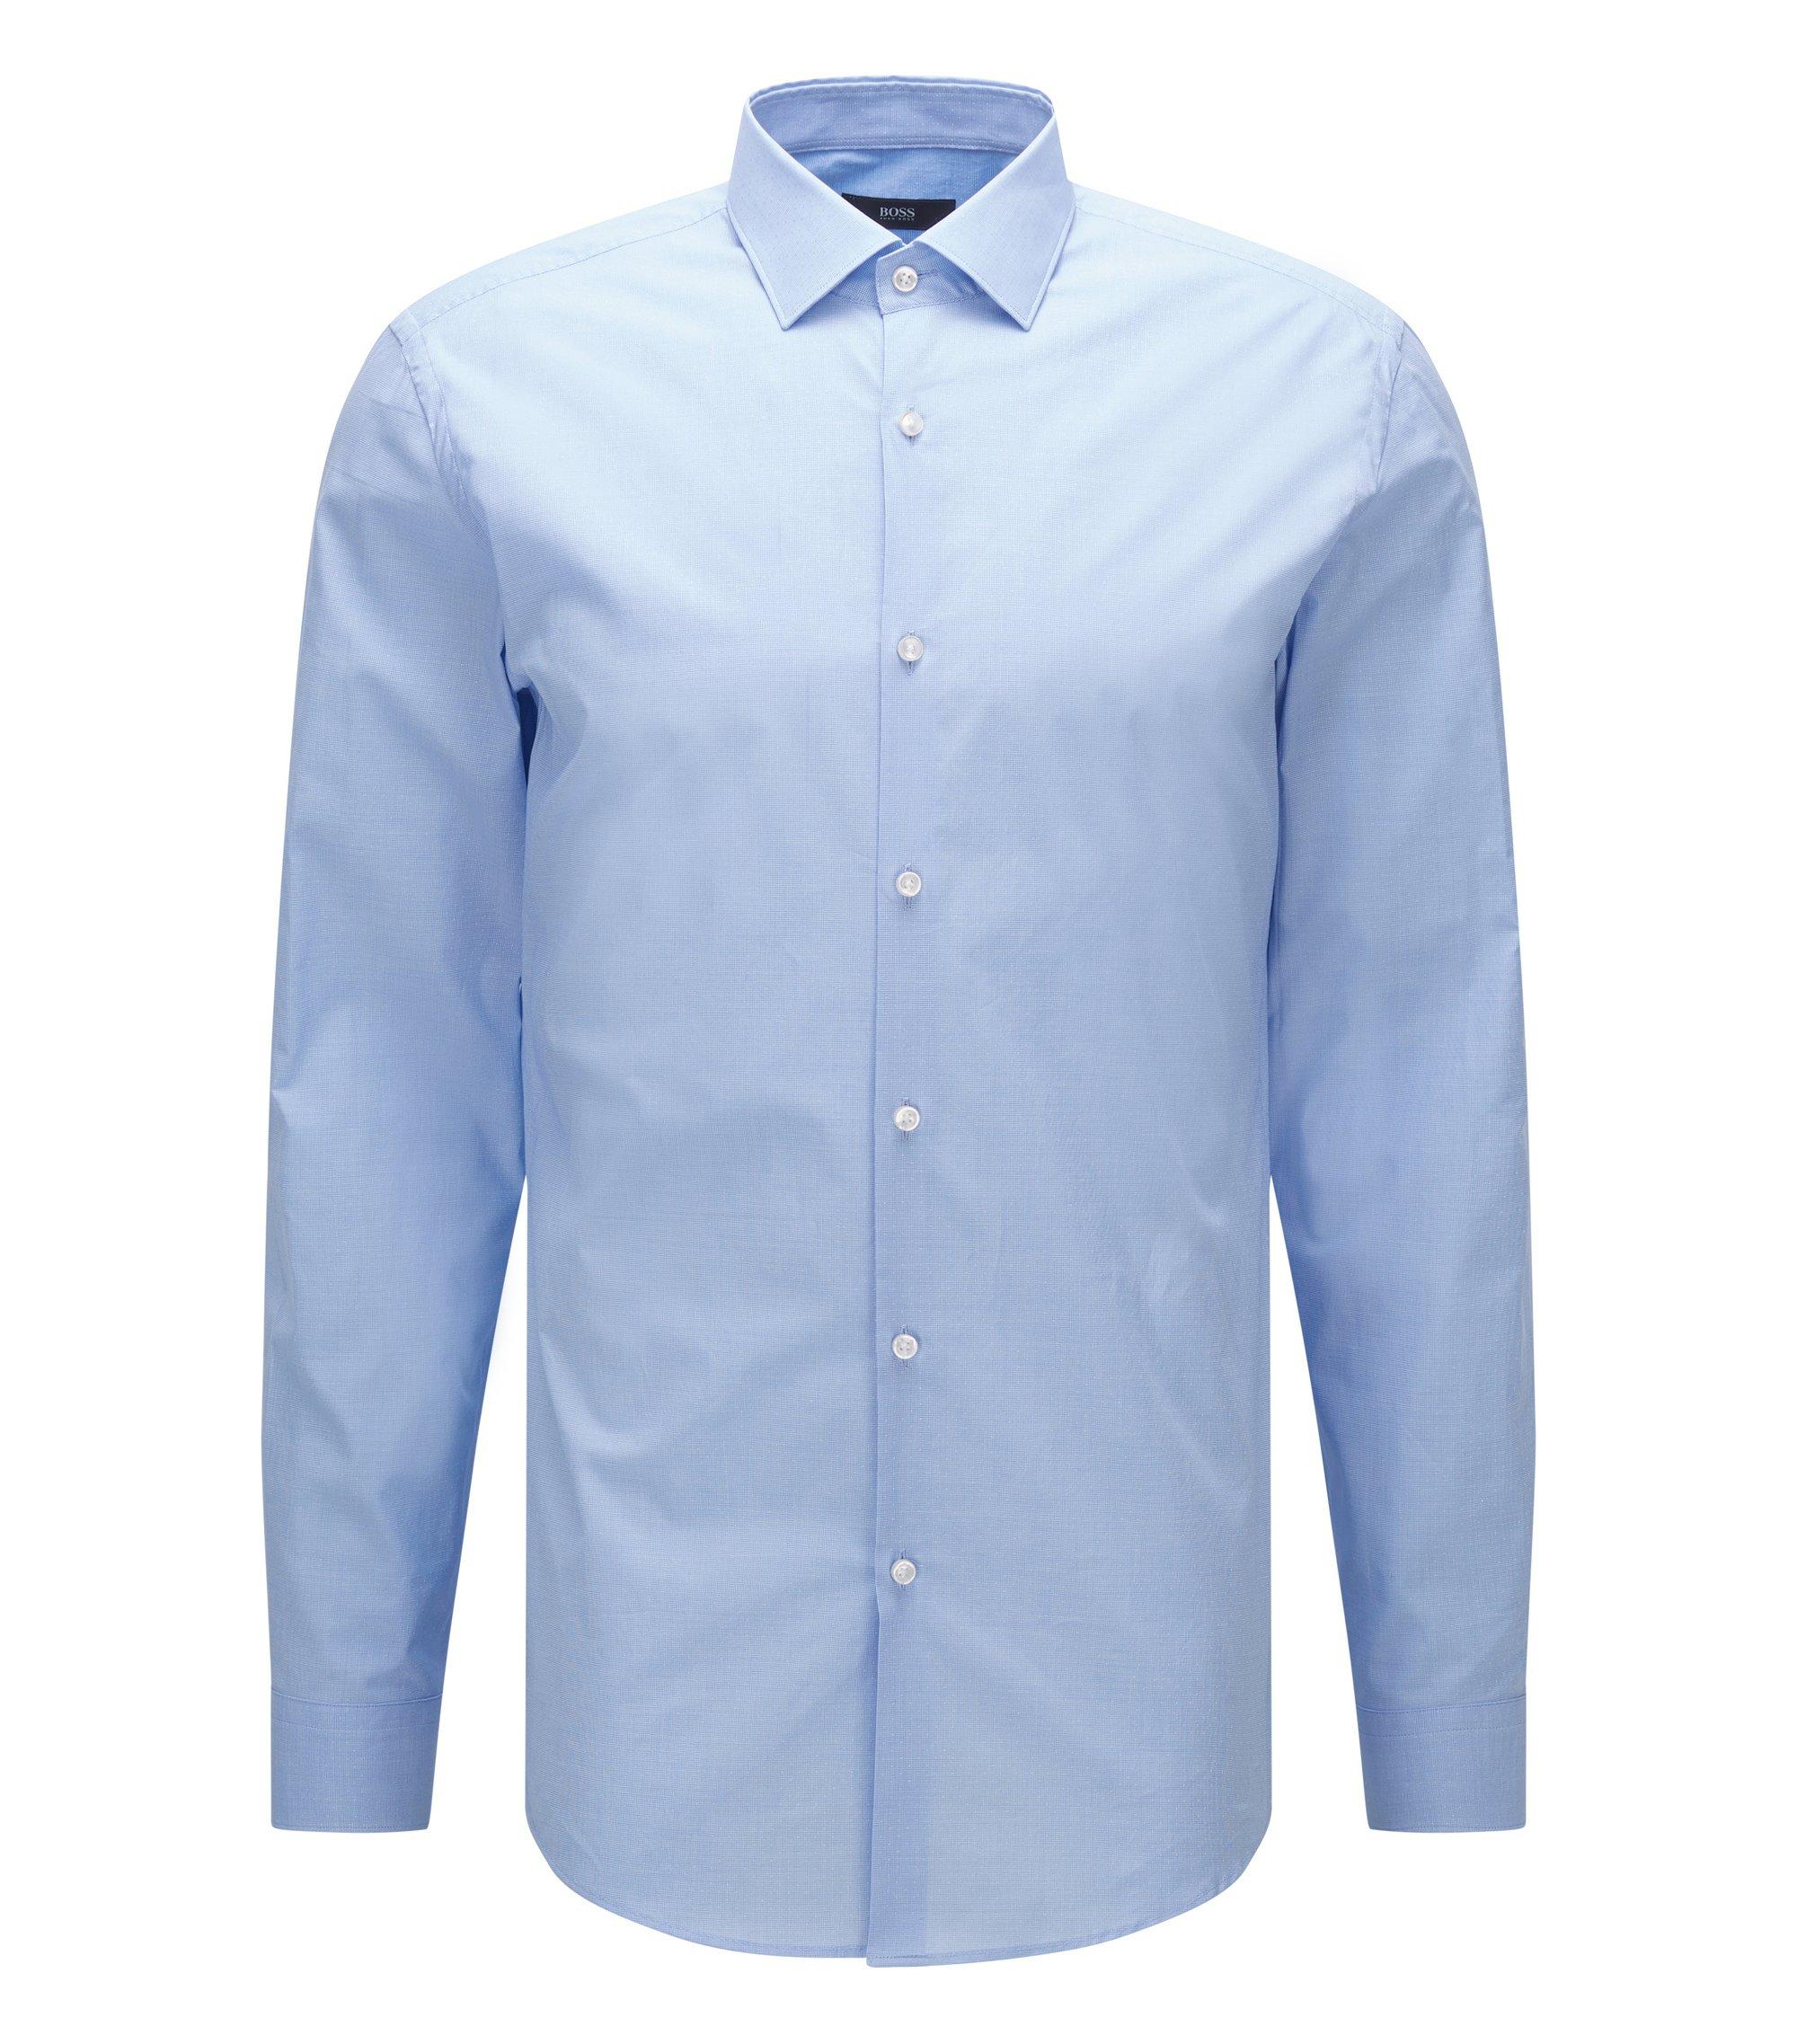 Camicia slim fit in cotone con microdisegno, Celeste